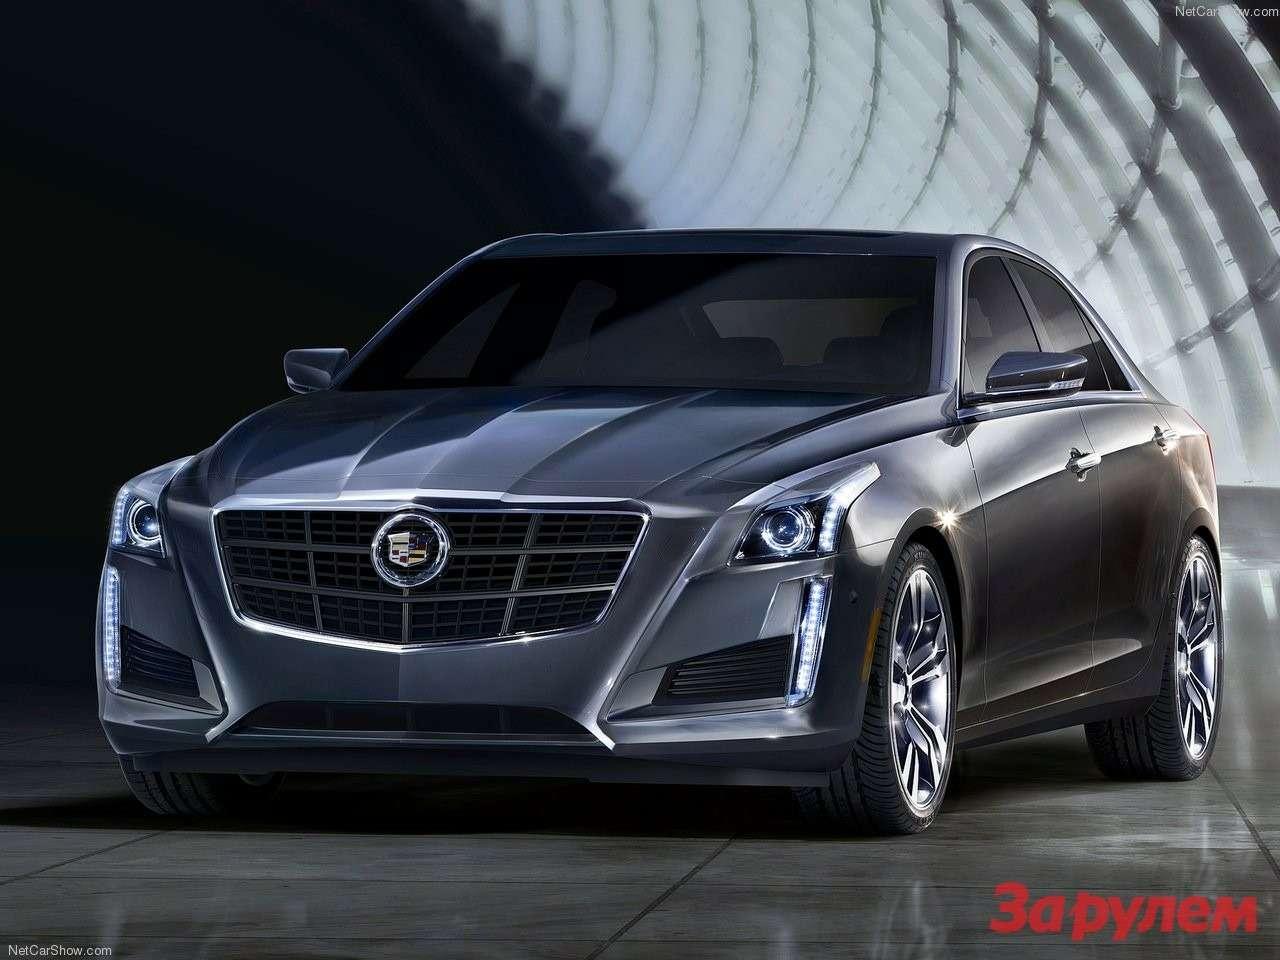 Cadillac CTS 2014 1280x960 wallpaper 02